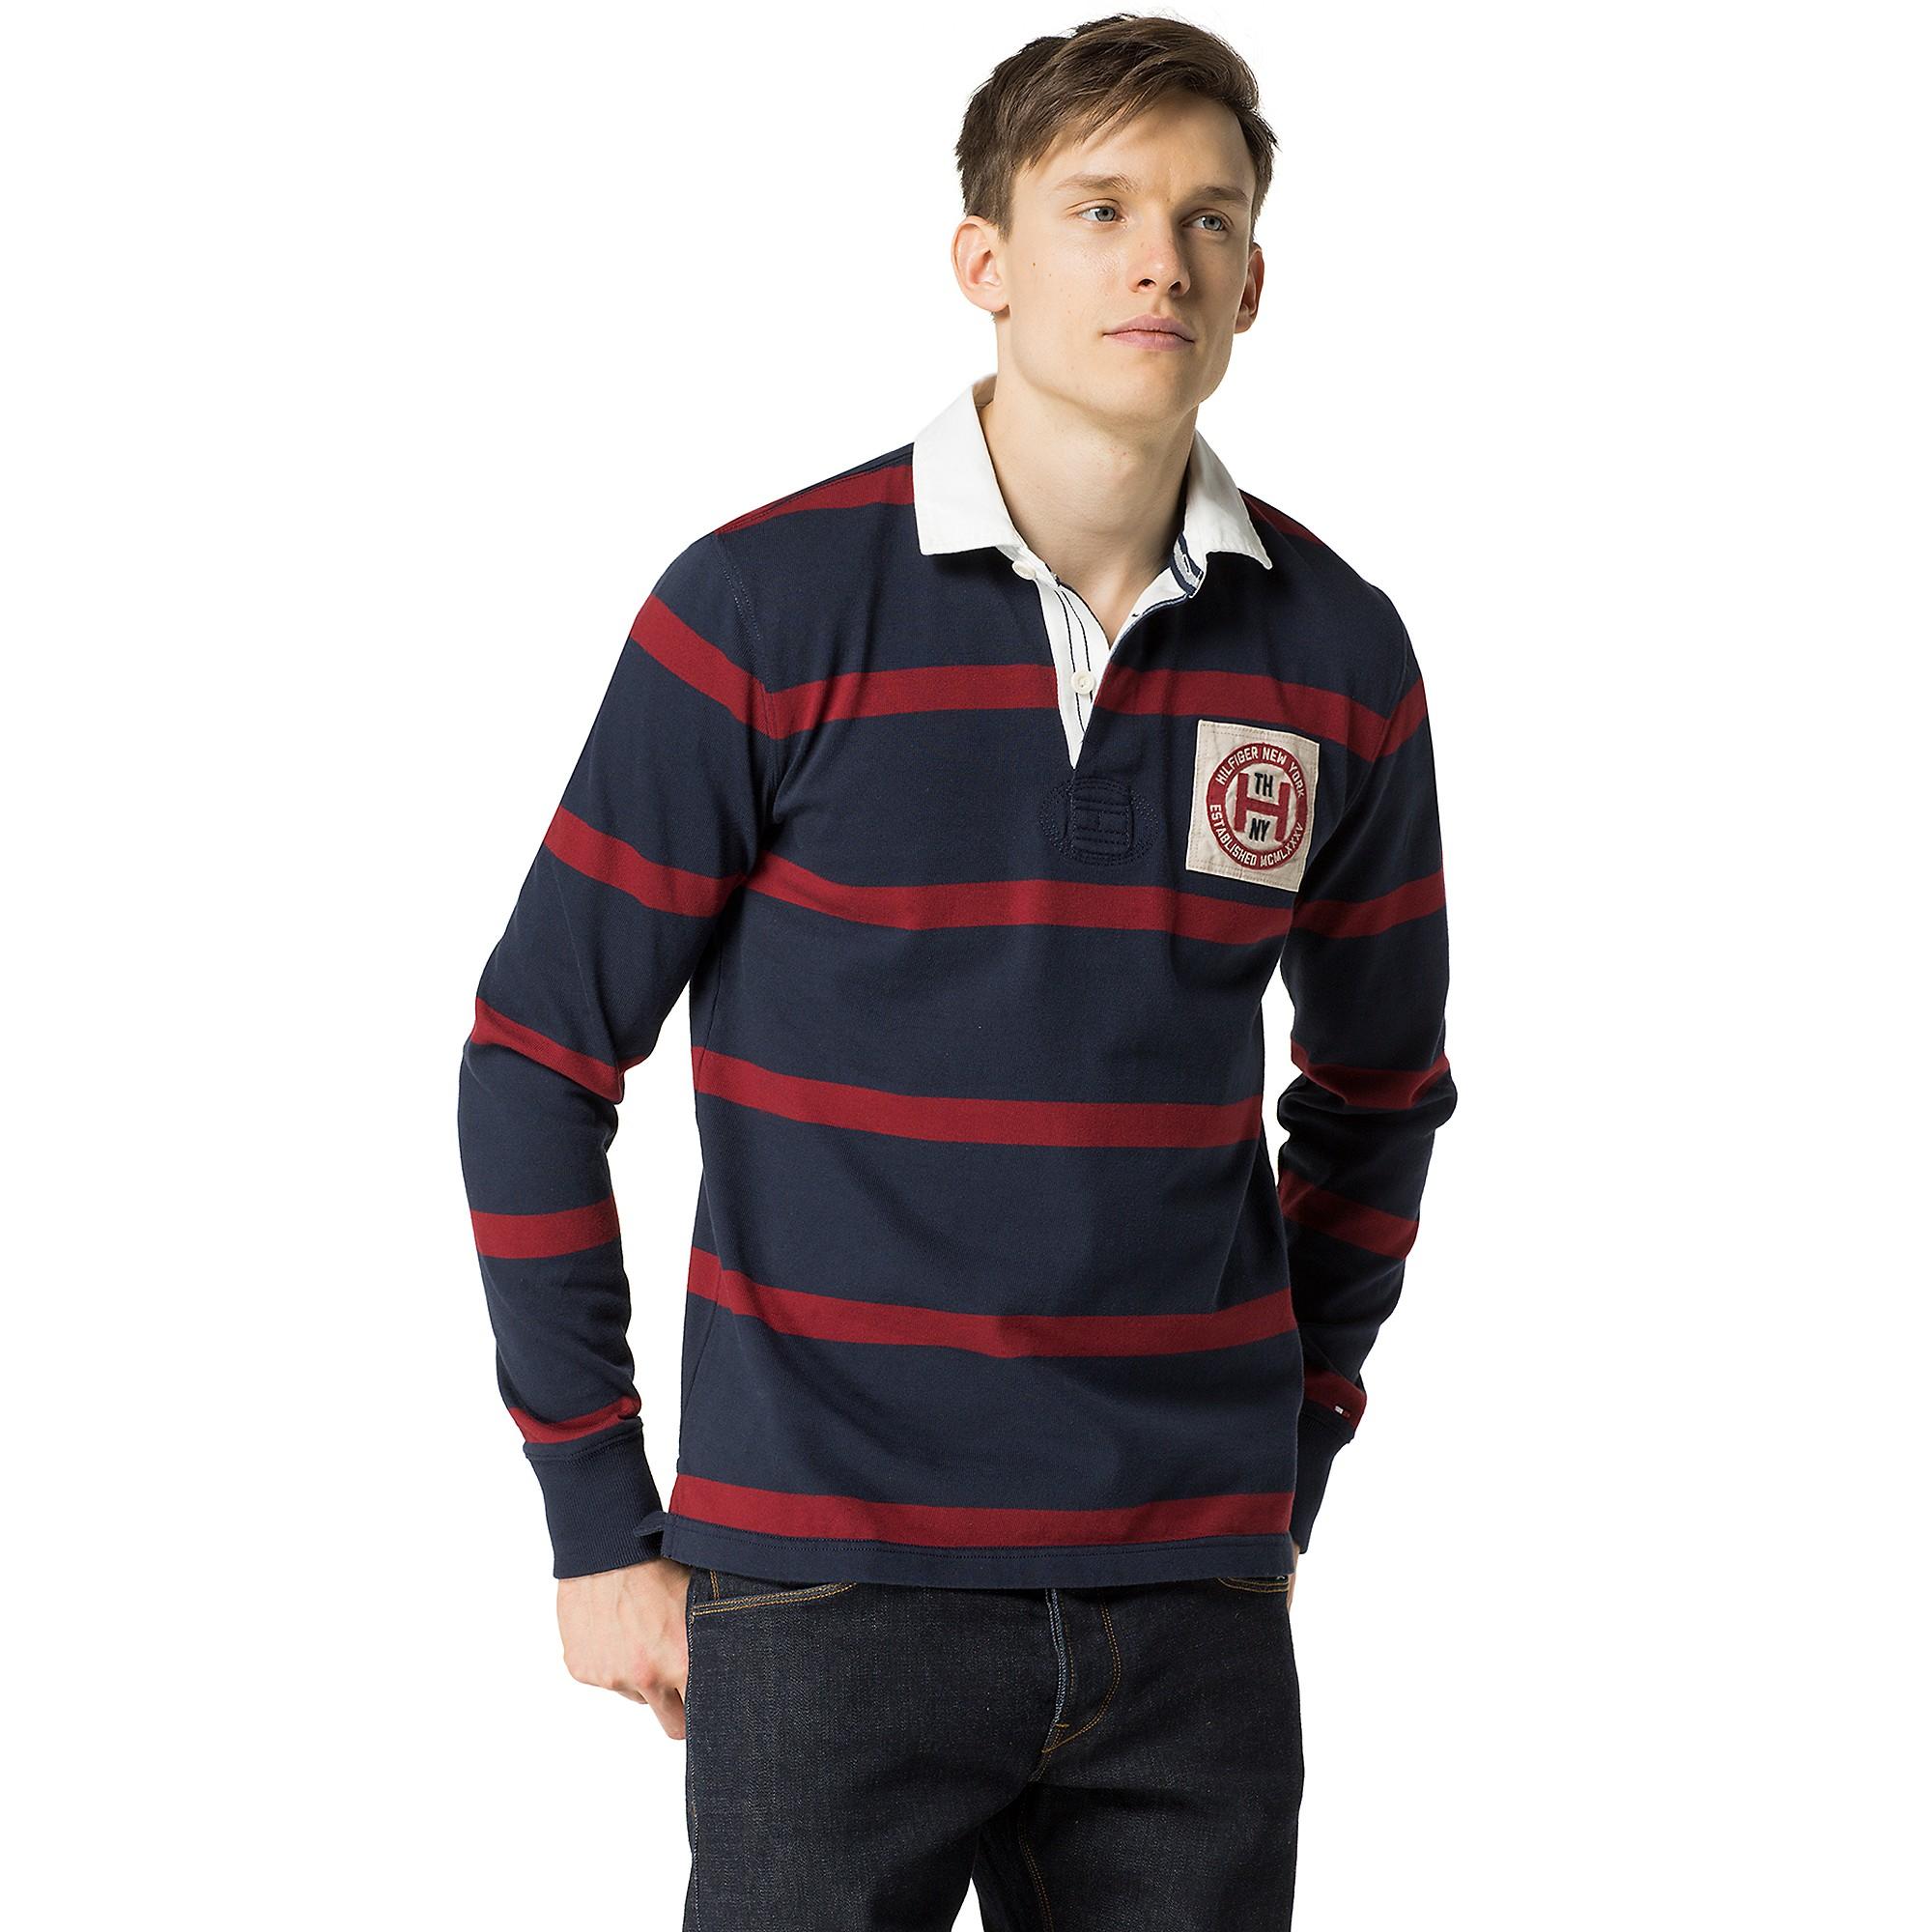 Tommy Hilfiger Vintage Fit Stripe Rugby In Red For Men